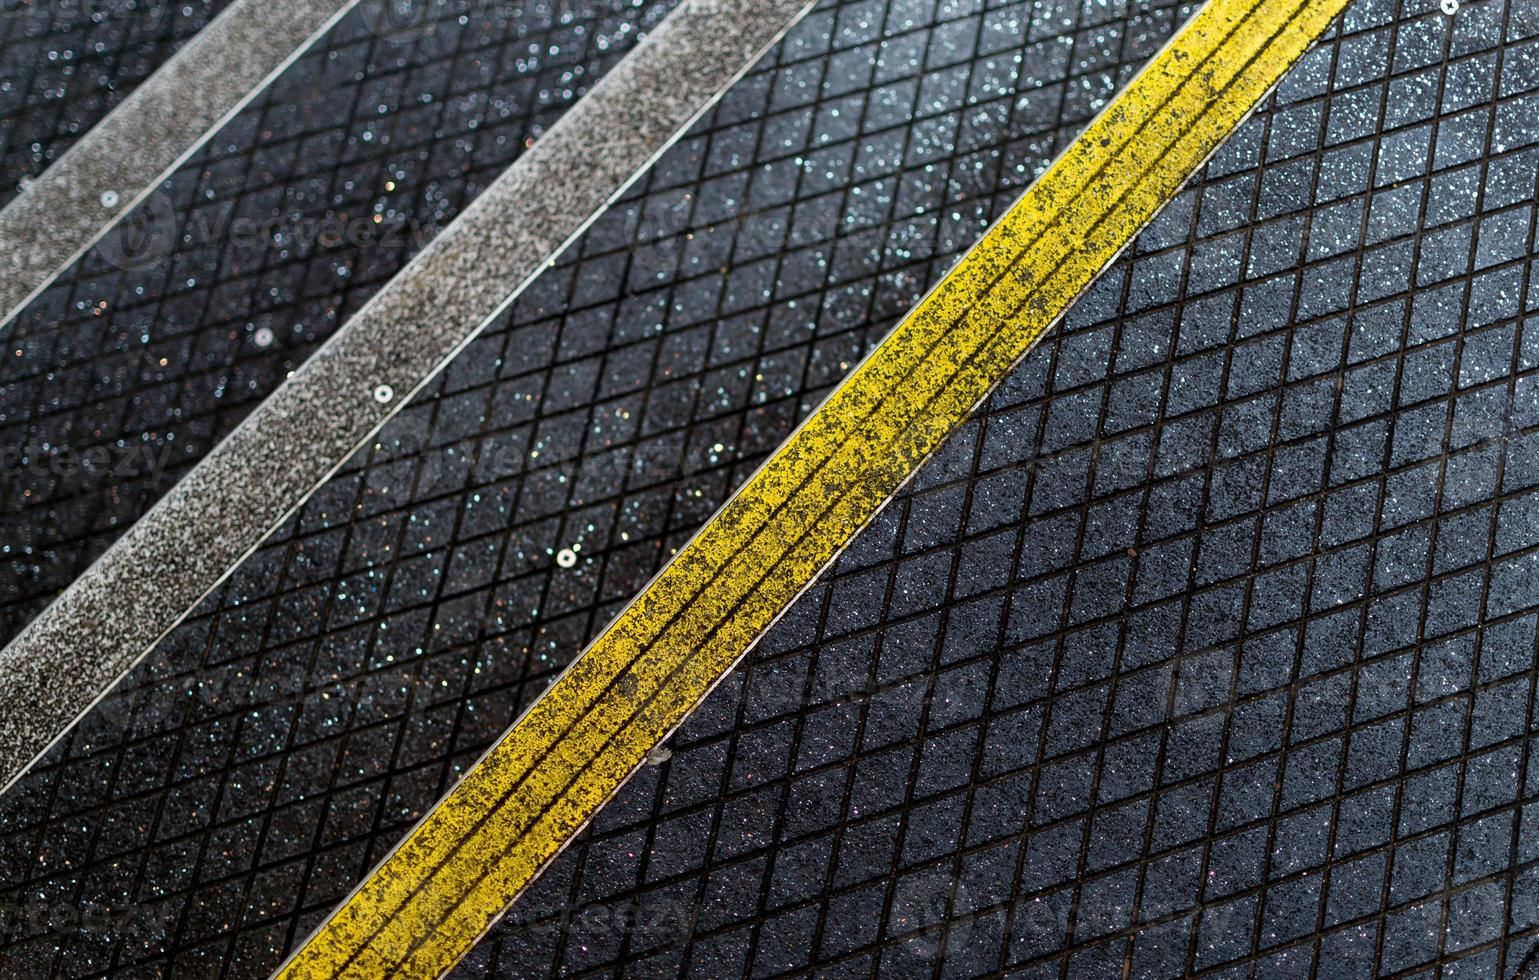 escalier pour piétons en asphalte avec revêtement antidérapant photo